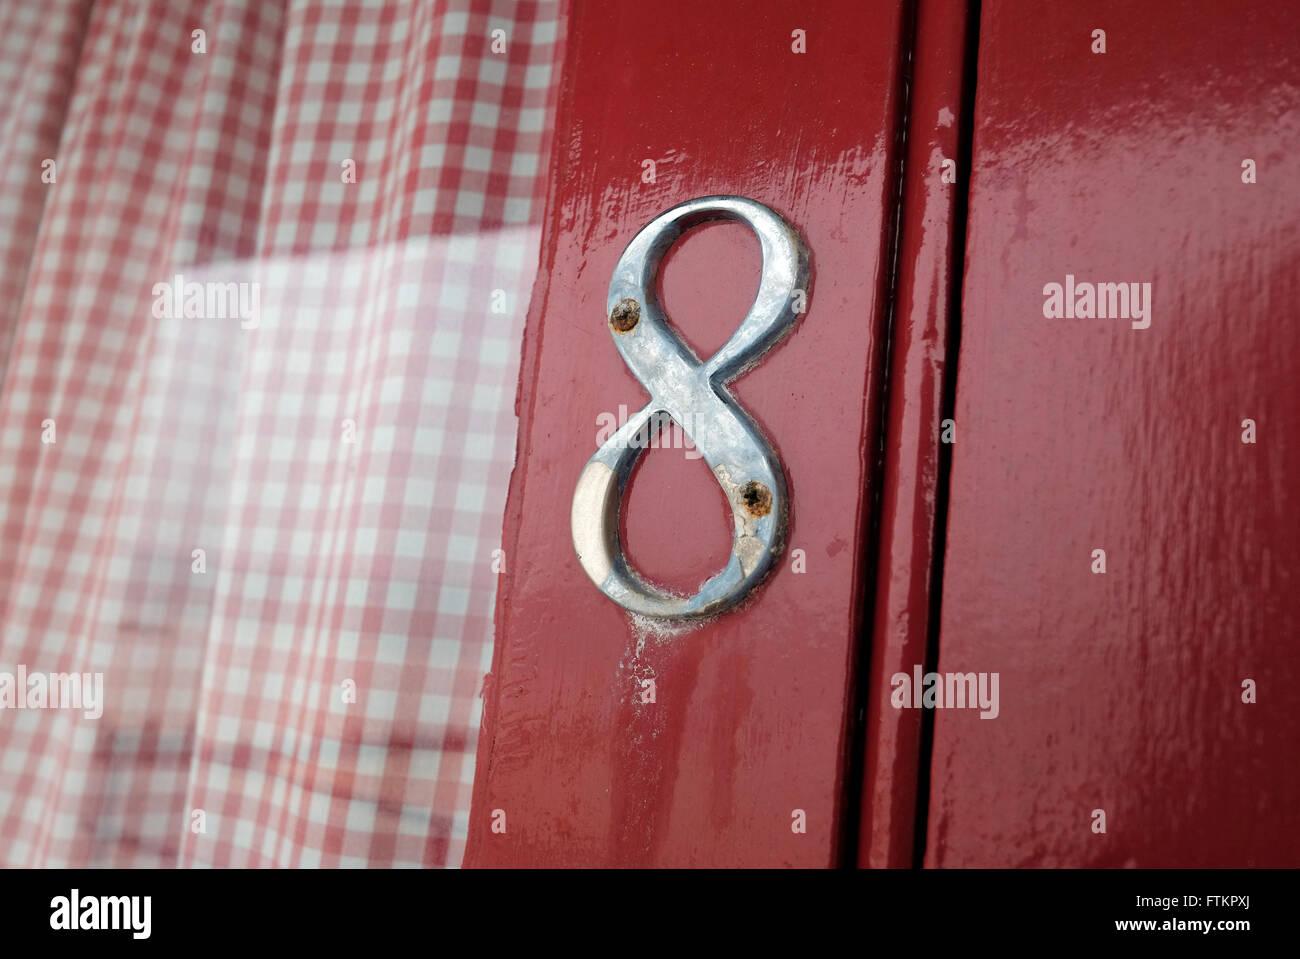 number 8 on red beach hut door - Stock Image